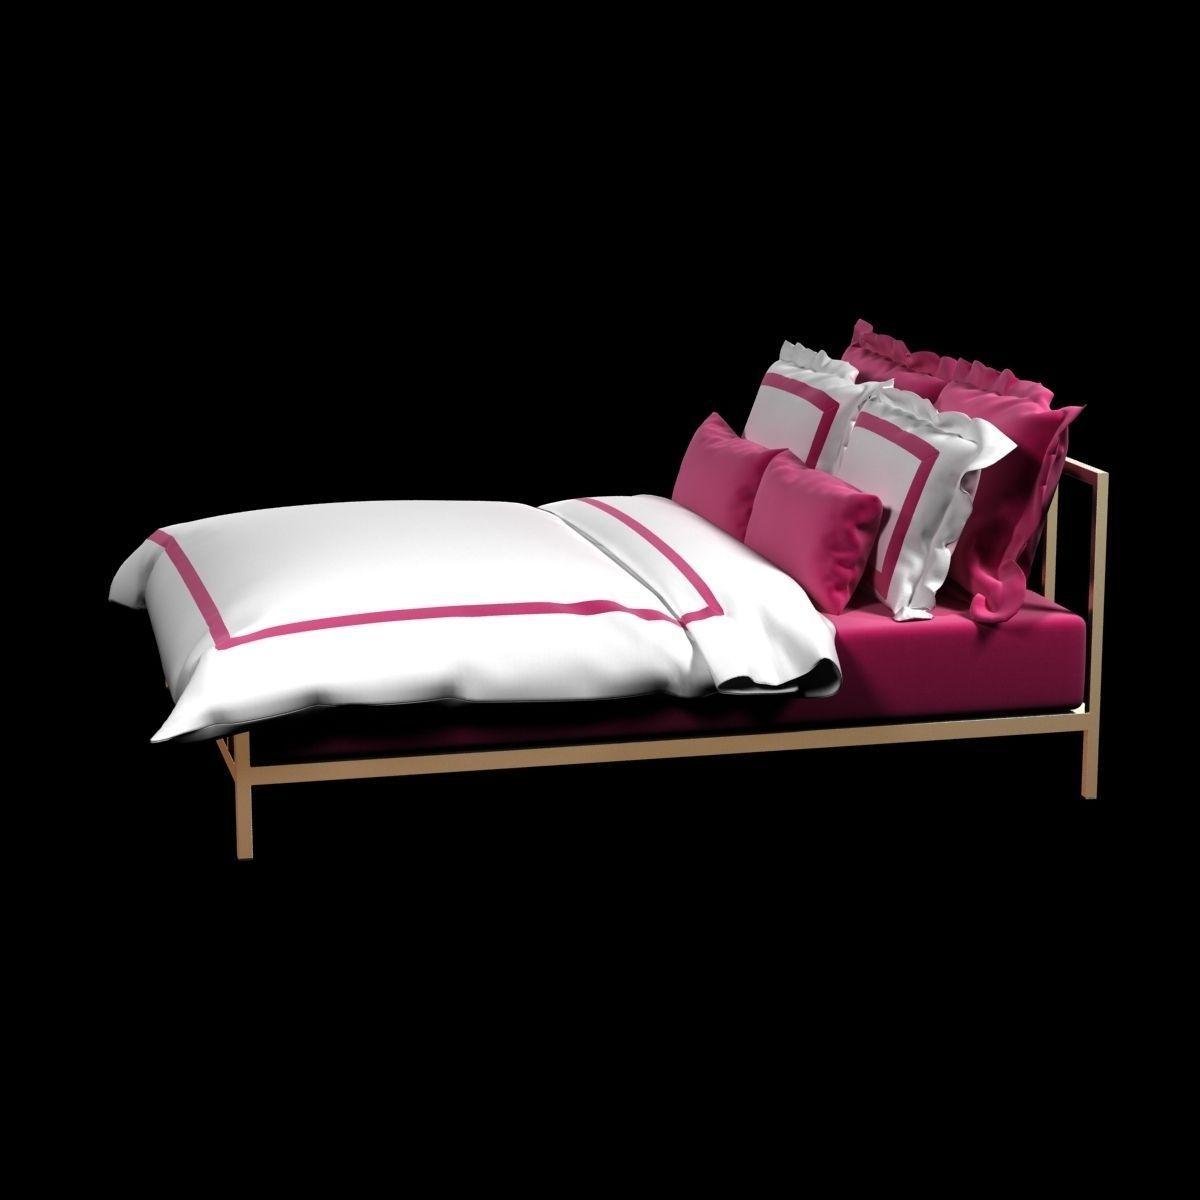 Hotel Collection Duvet Cover Set By La Cozi 3d Model Max Obj Mtl 3ds